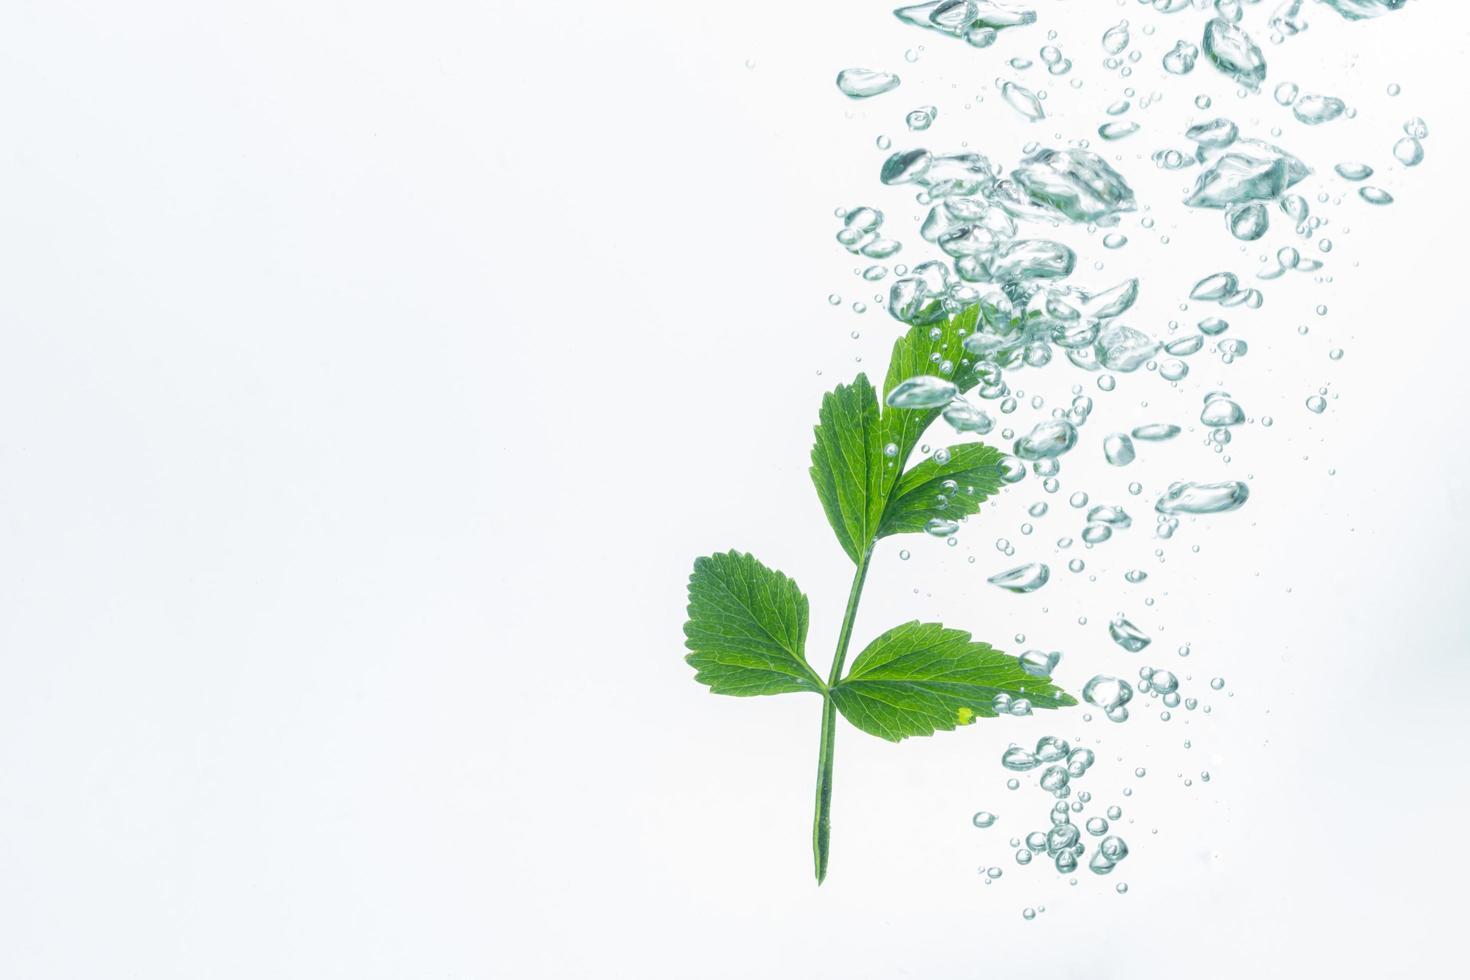 planta verde y burbujas en el agua. foto